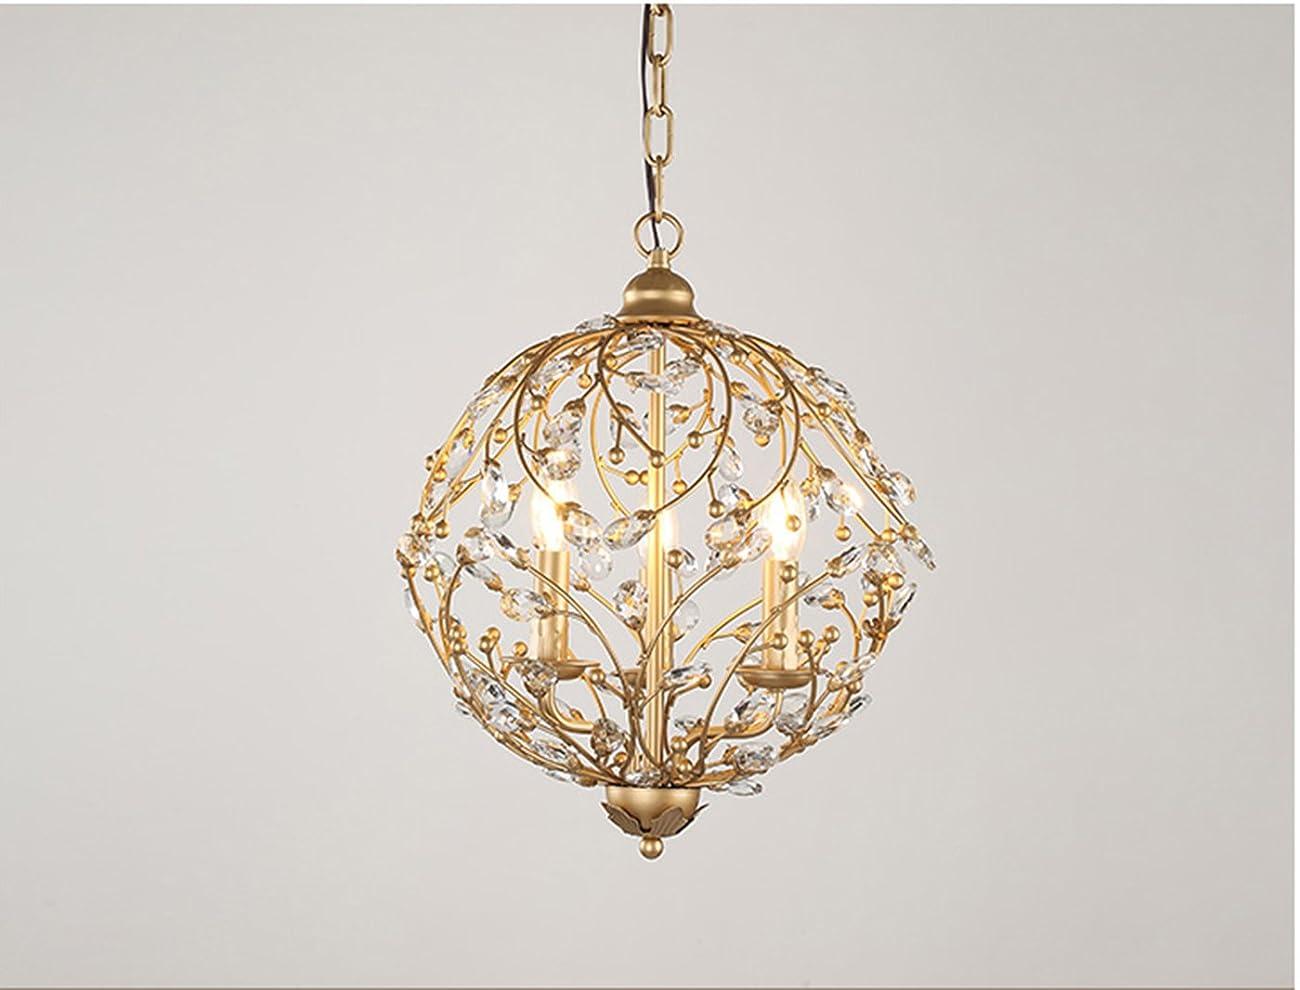 Garwarm Vintage Chandelier 3 lights Antique Pendant light Home Ceiling Light Fixtures Chandeliers Lighting,Golden 2